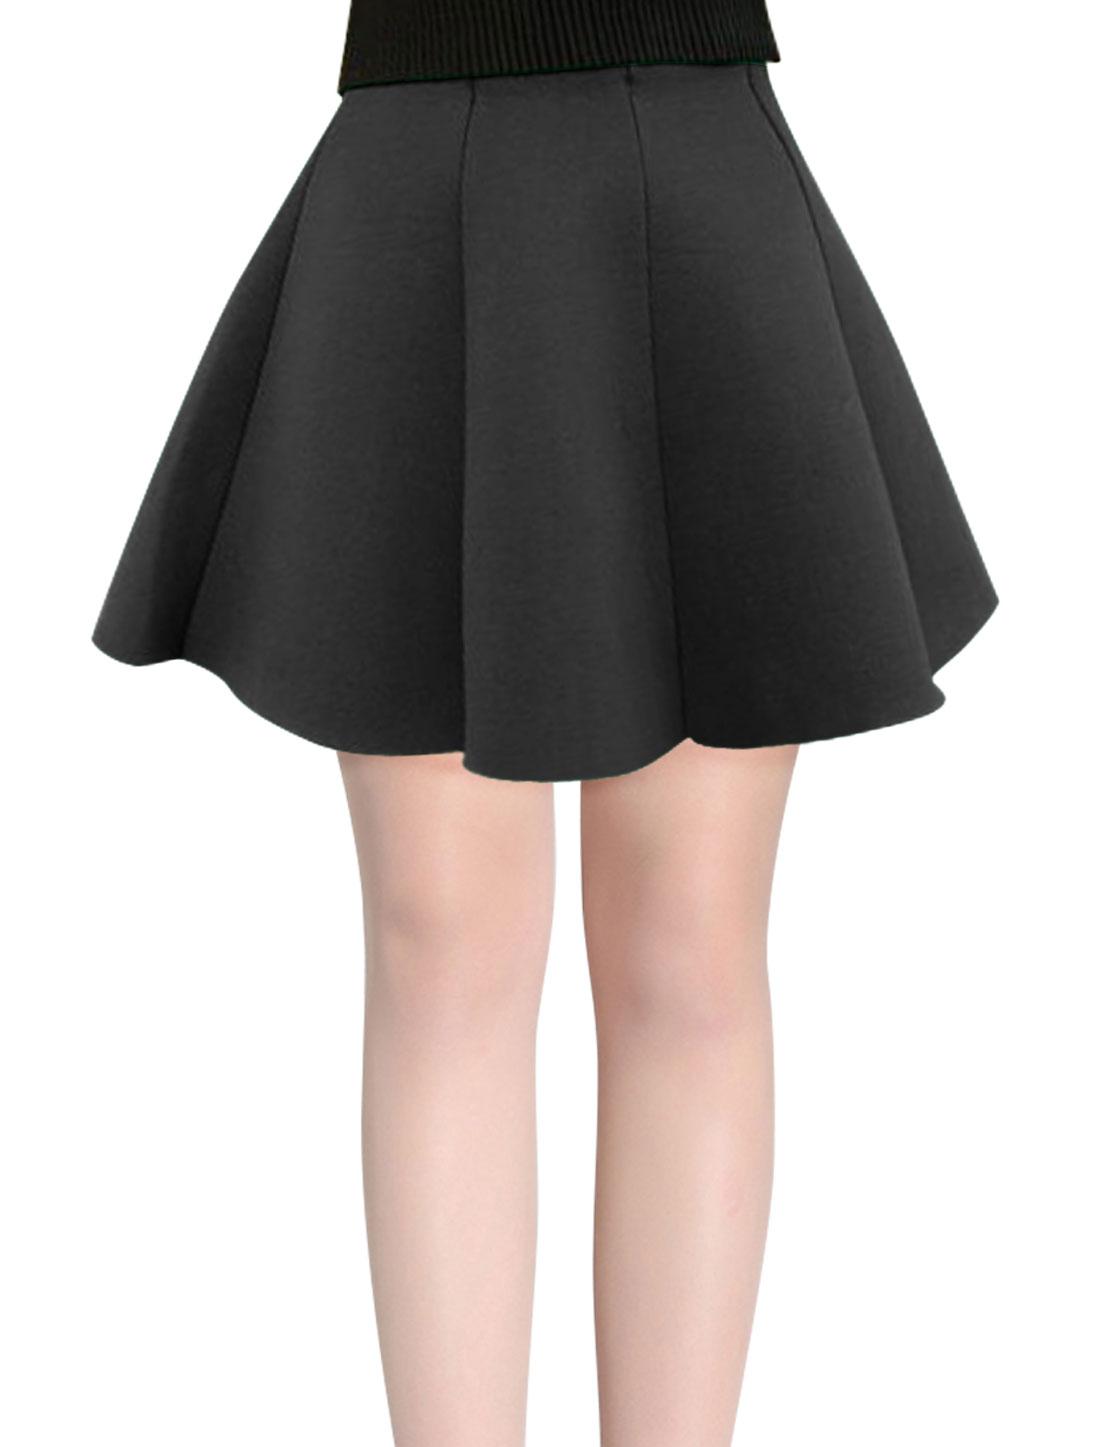 Women Elastic Waist Panel Design Sweet Full Skirt Black XS